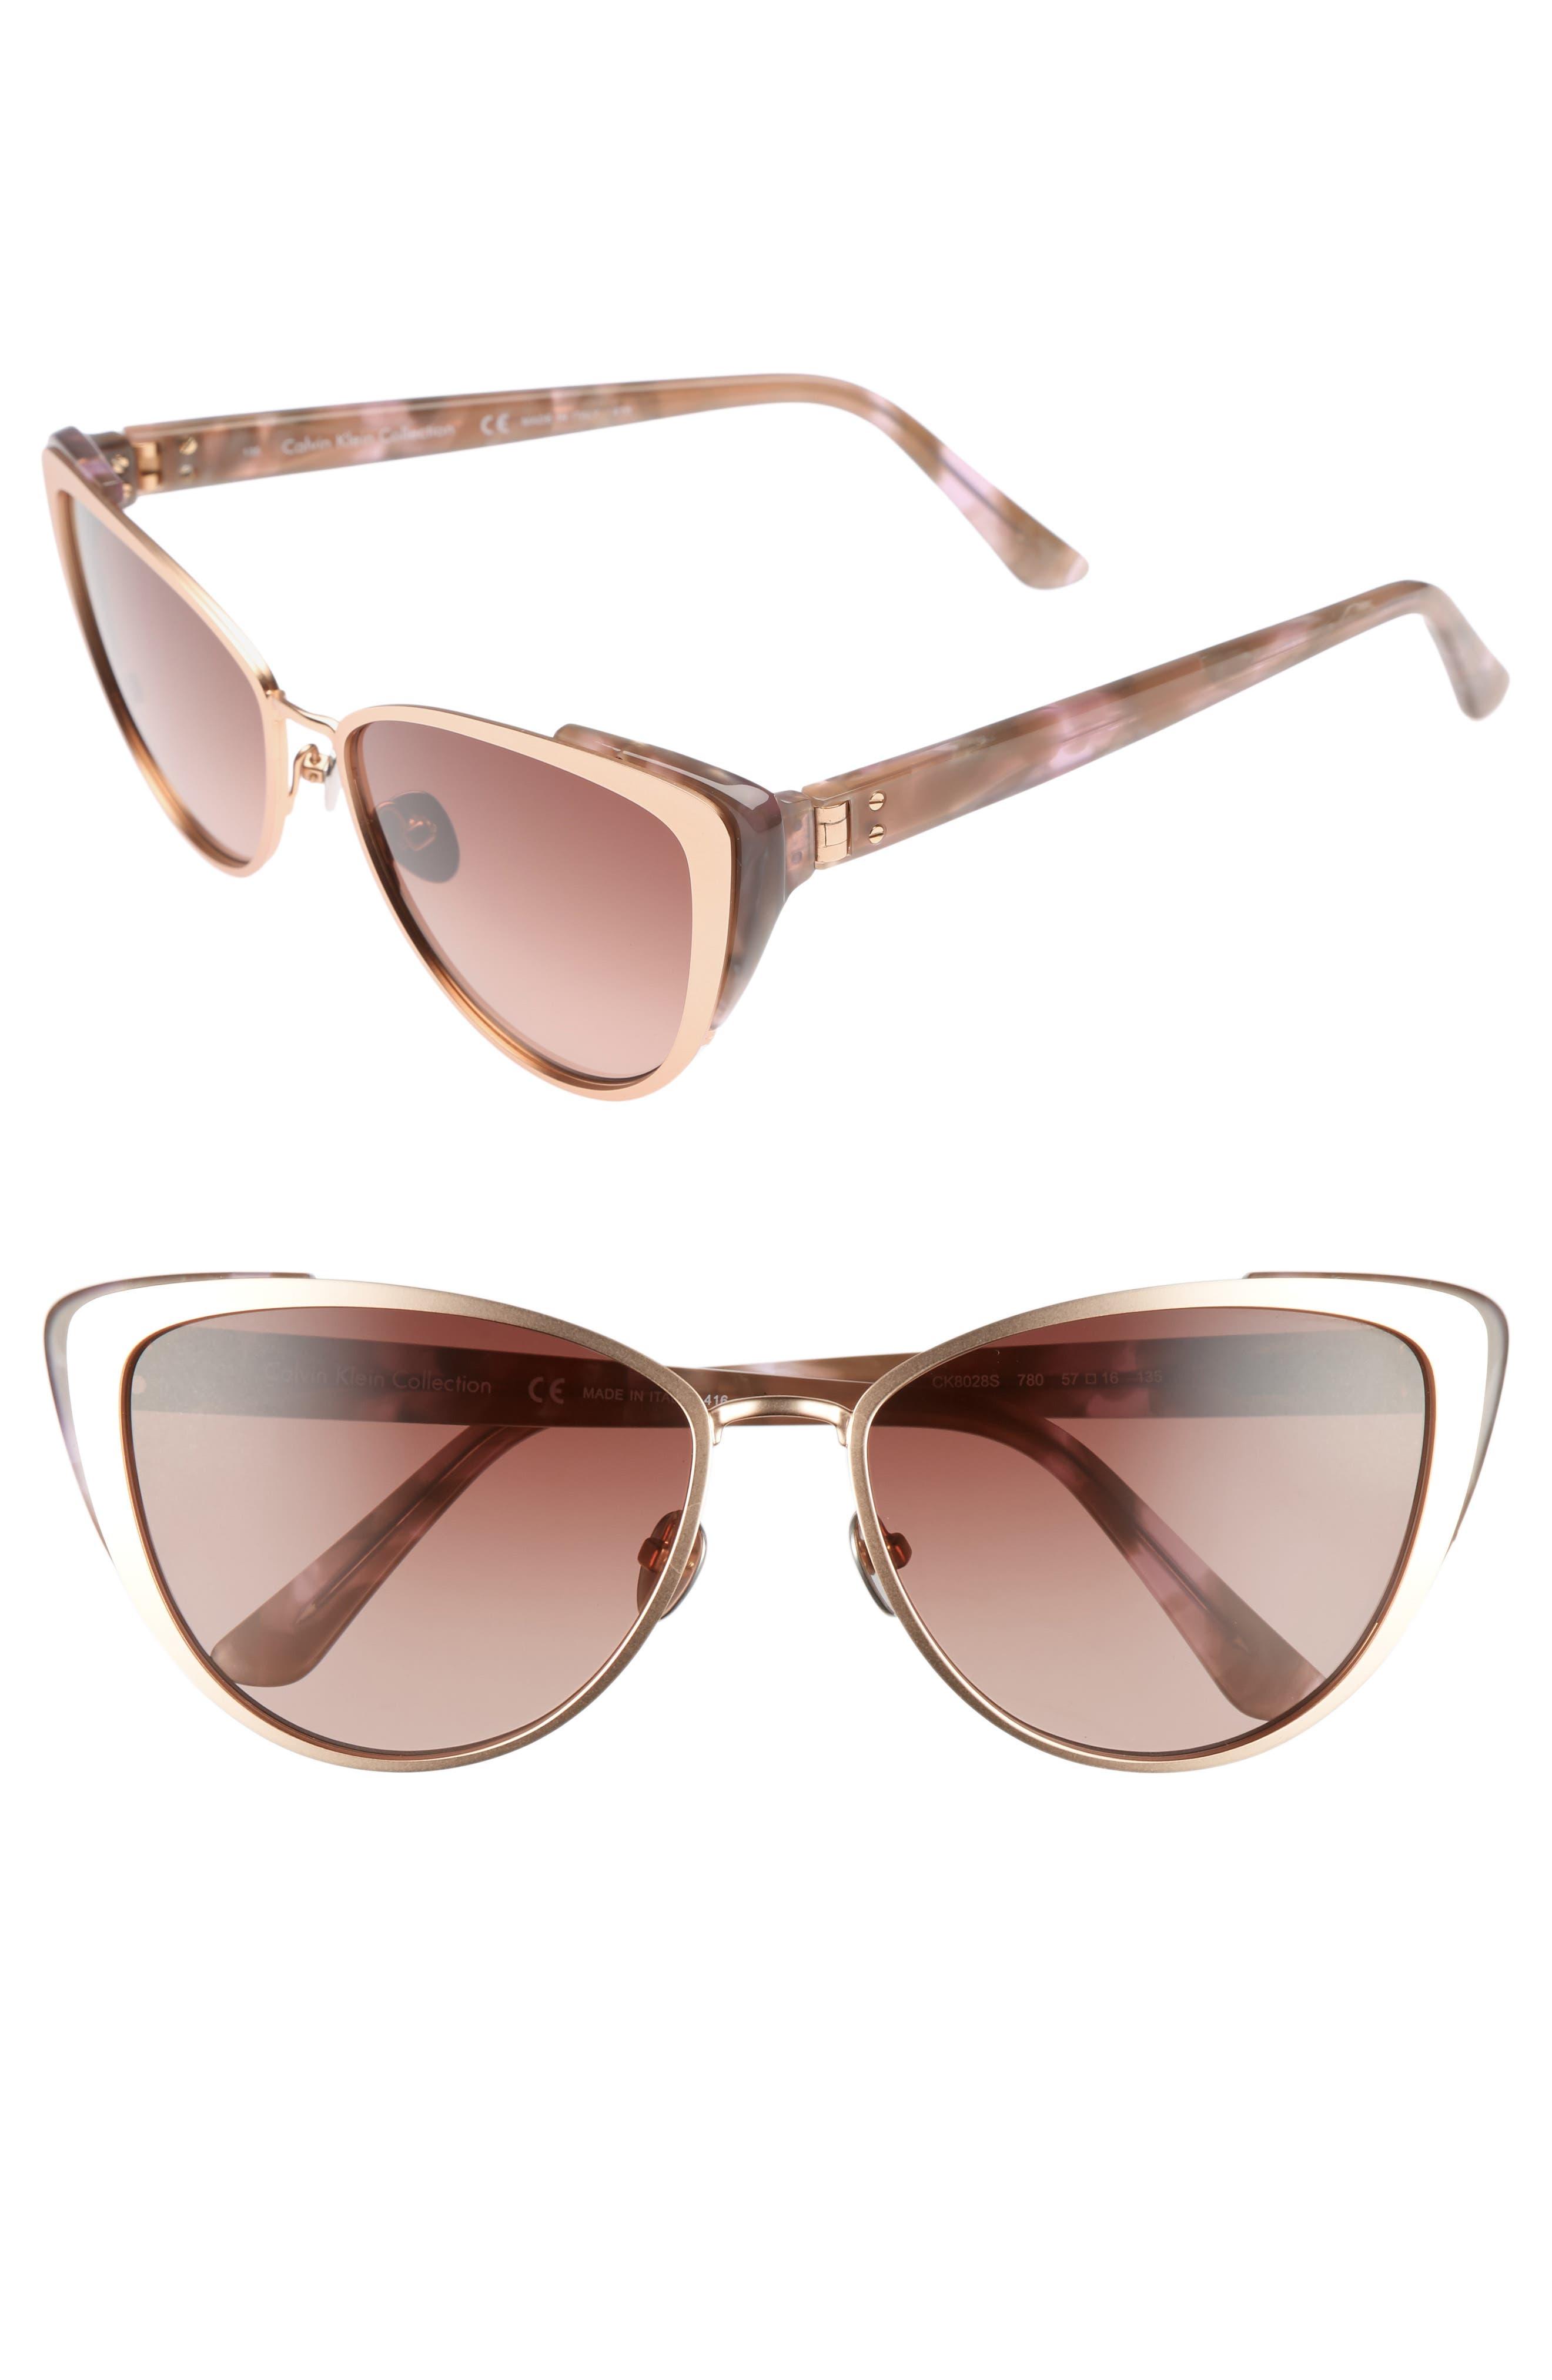 Alternate Image 1 Selected - CALVIN KLEIN 57mm Cat Eye Sunglasses